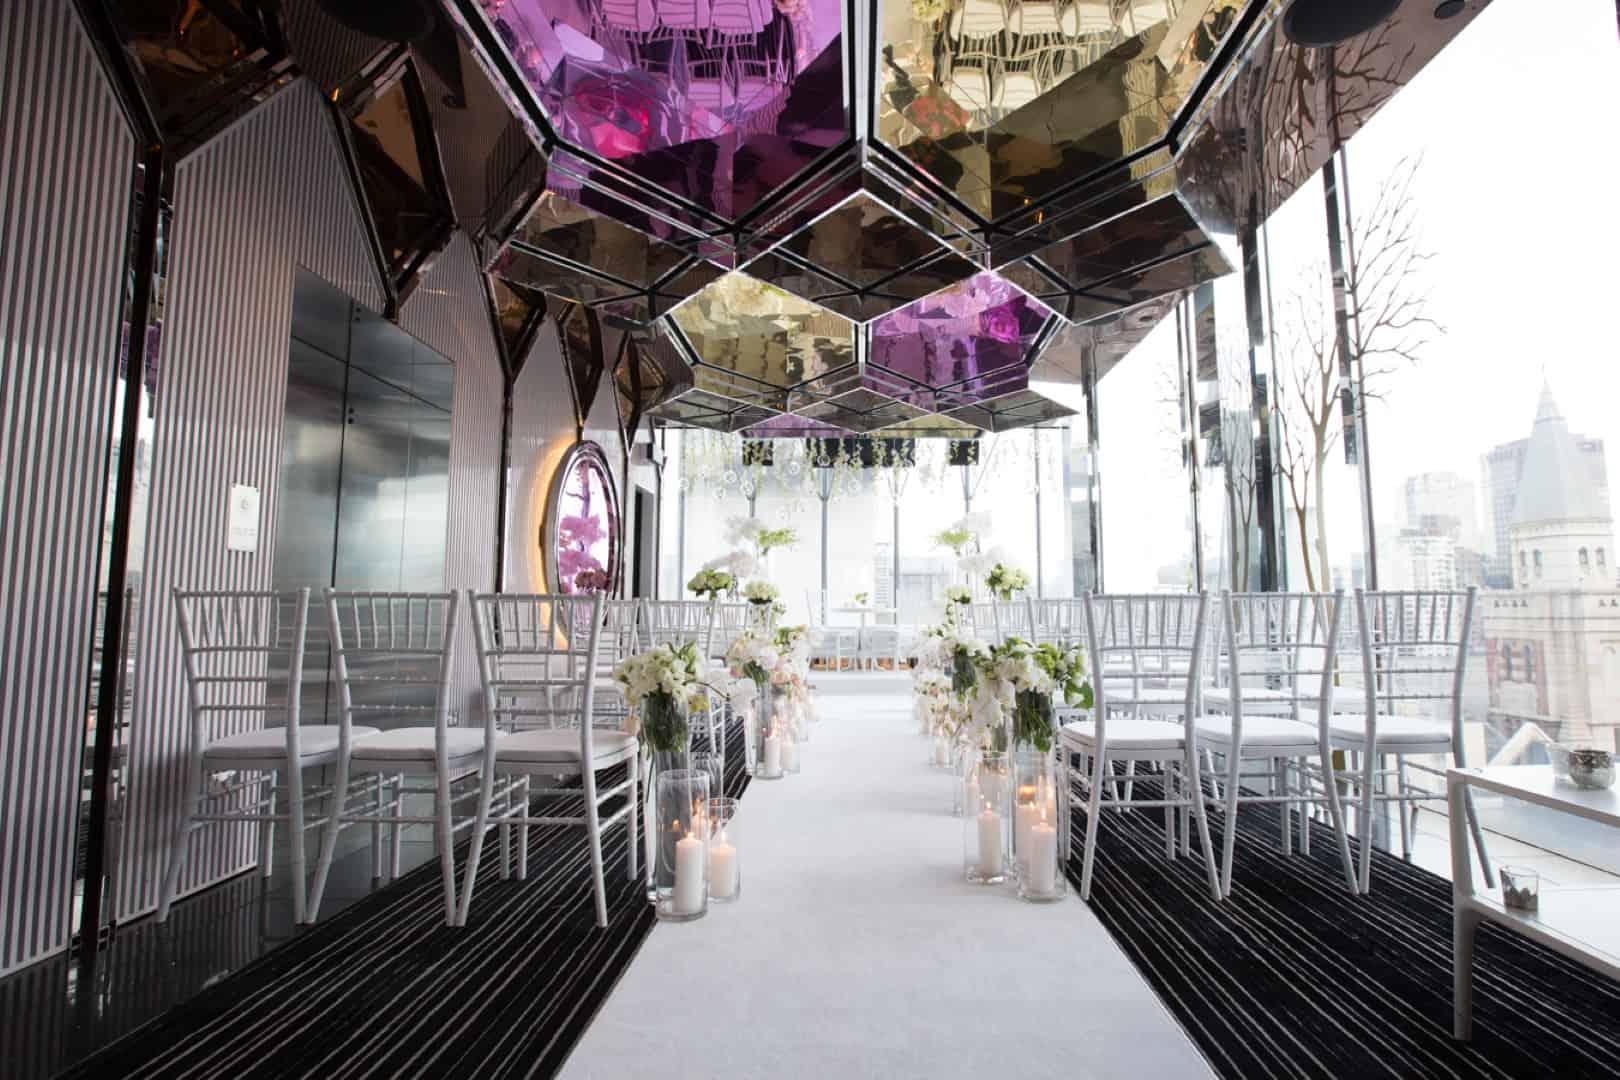 mon bijou penthouse melbourne best small wedding venues